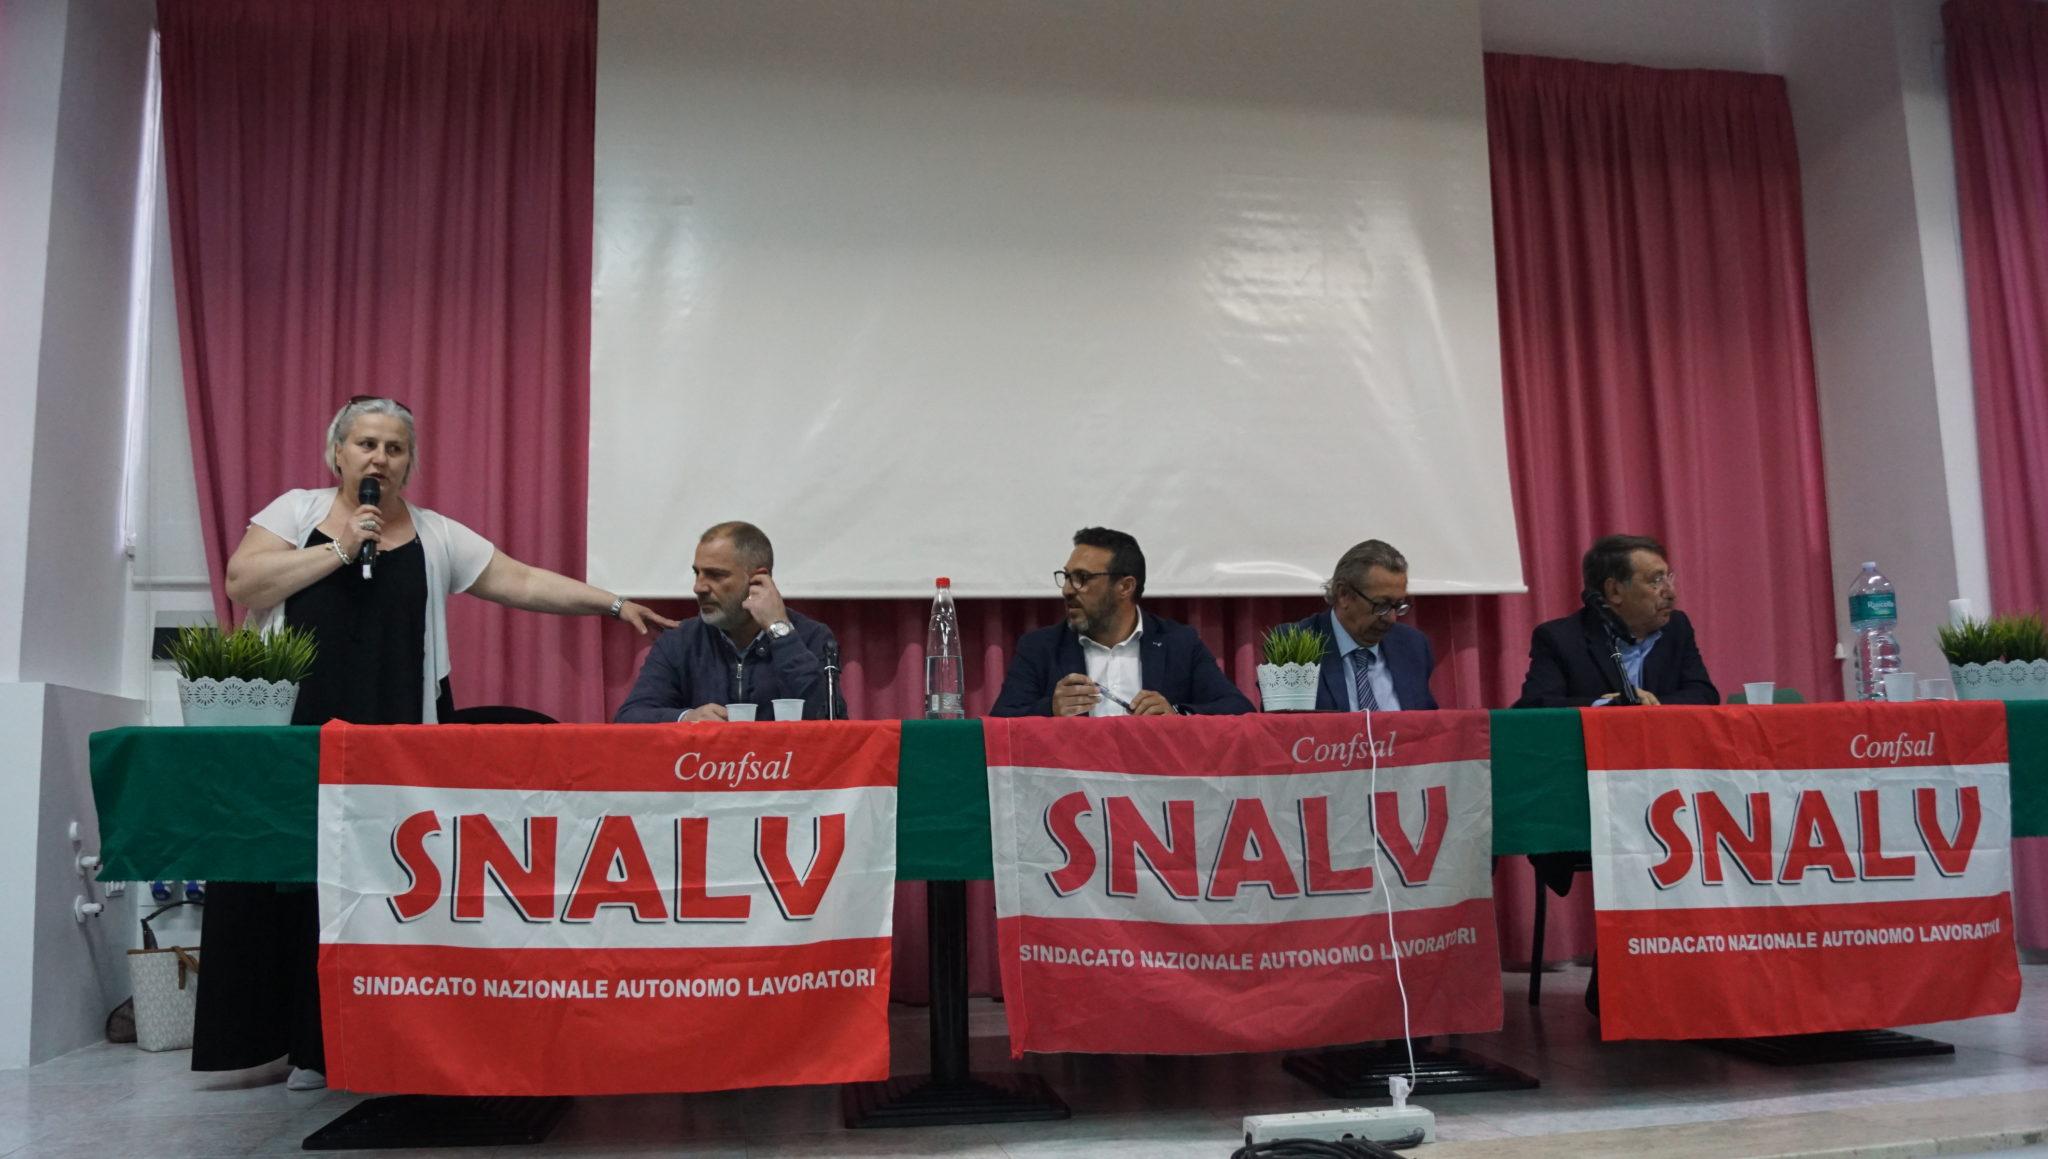 Snalv confsal, assemblea il 21 maggio a tutela degli ex Rmi, ridare dignità al lavoratore